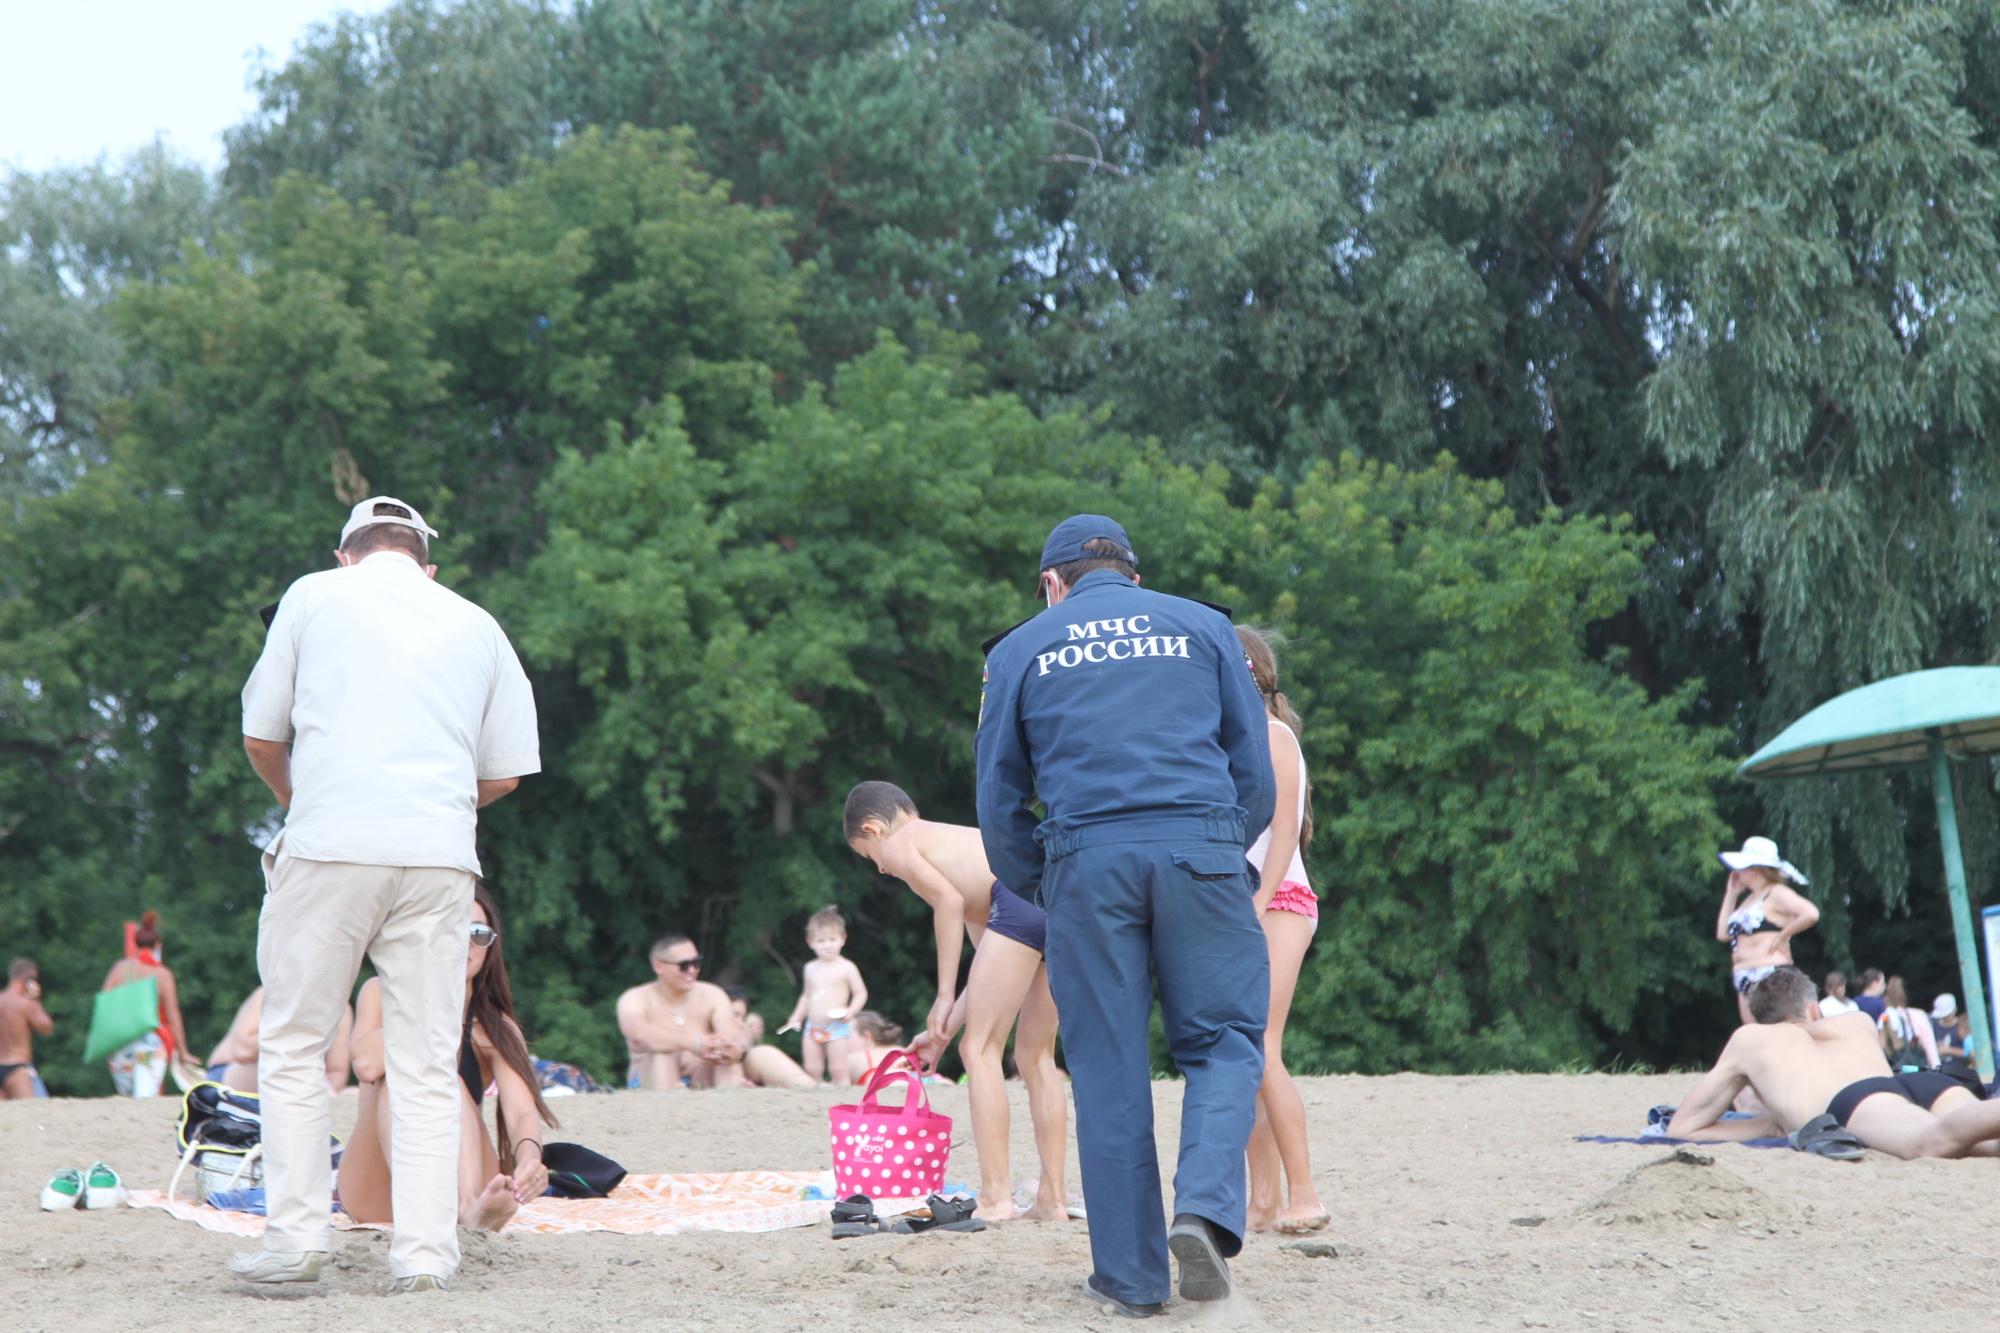 Омичей десятками ловят на «диких» пляжах #Омск #Общество #Сегодня